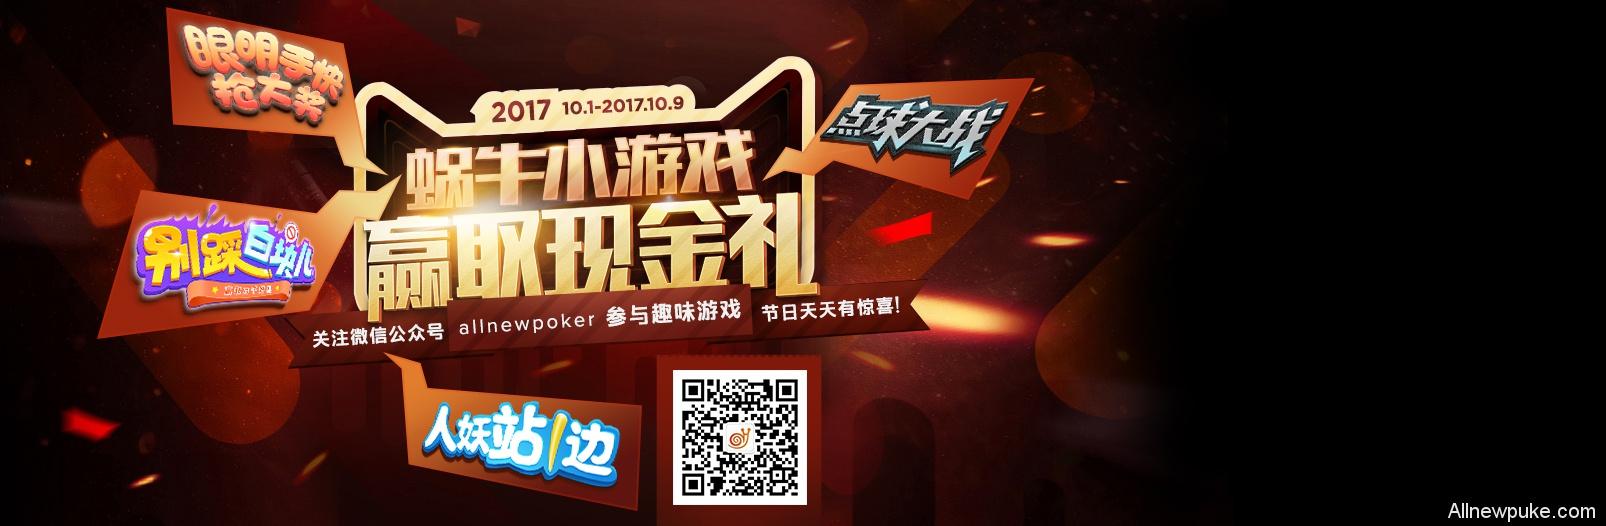 蜗牛扑克(www.allnew366.com)--国庆天天乐,游戏不间断